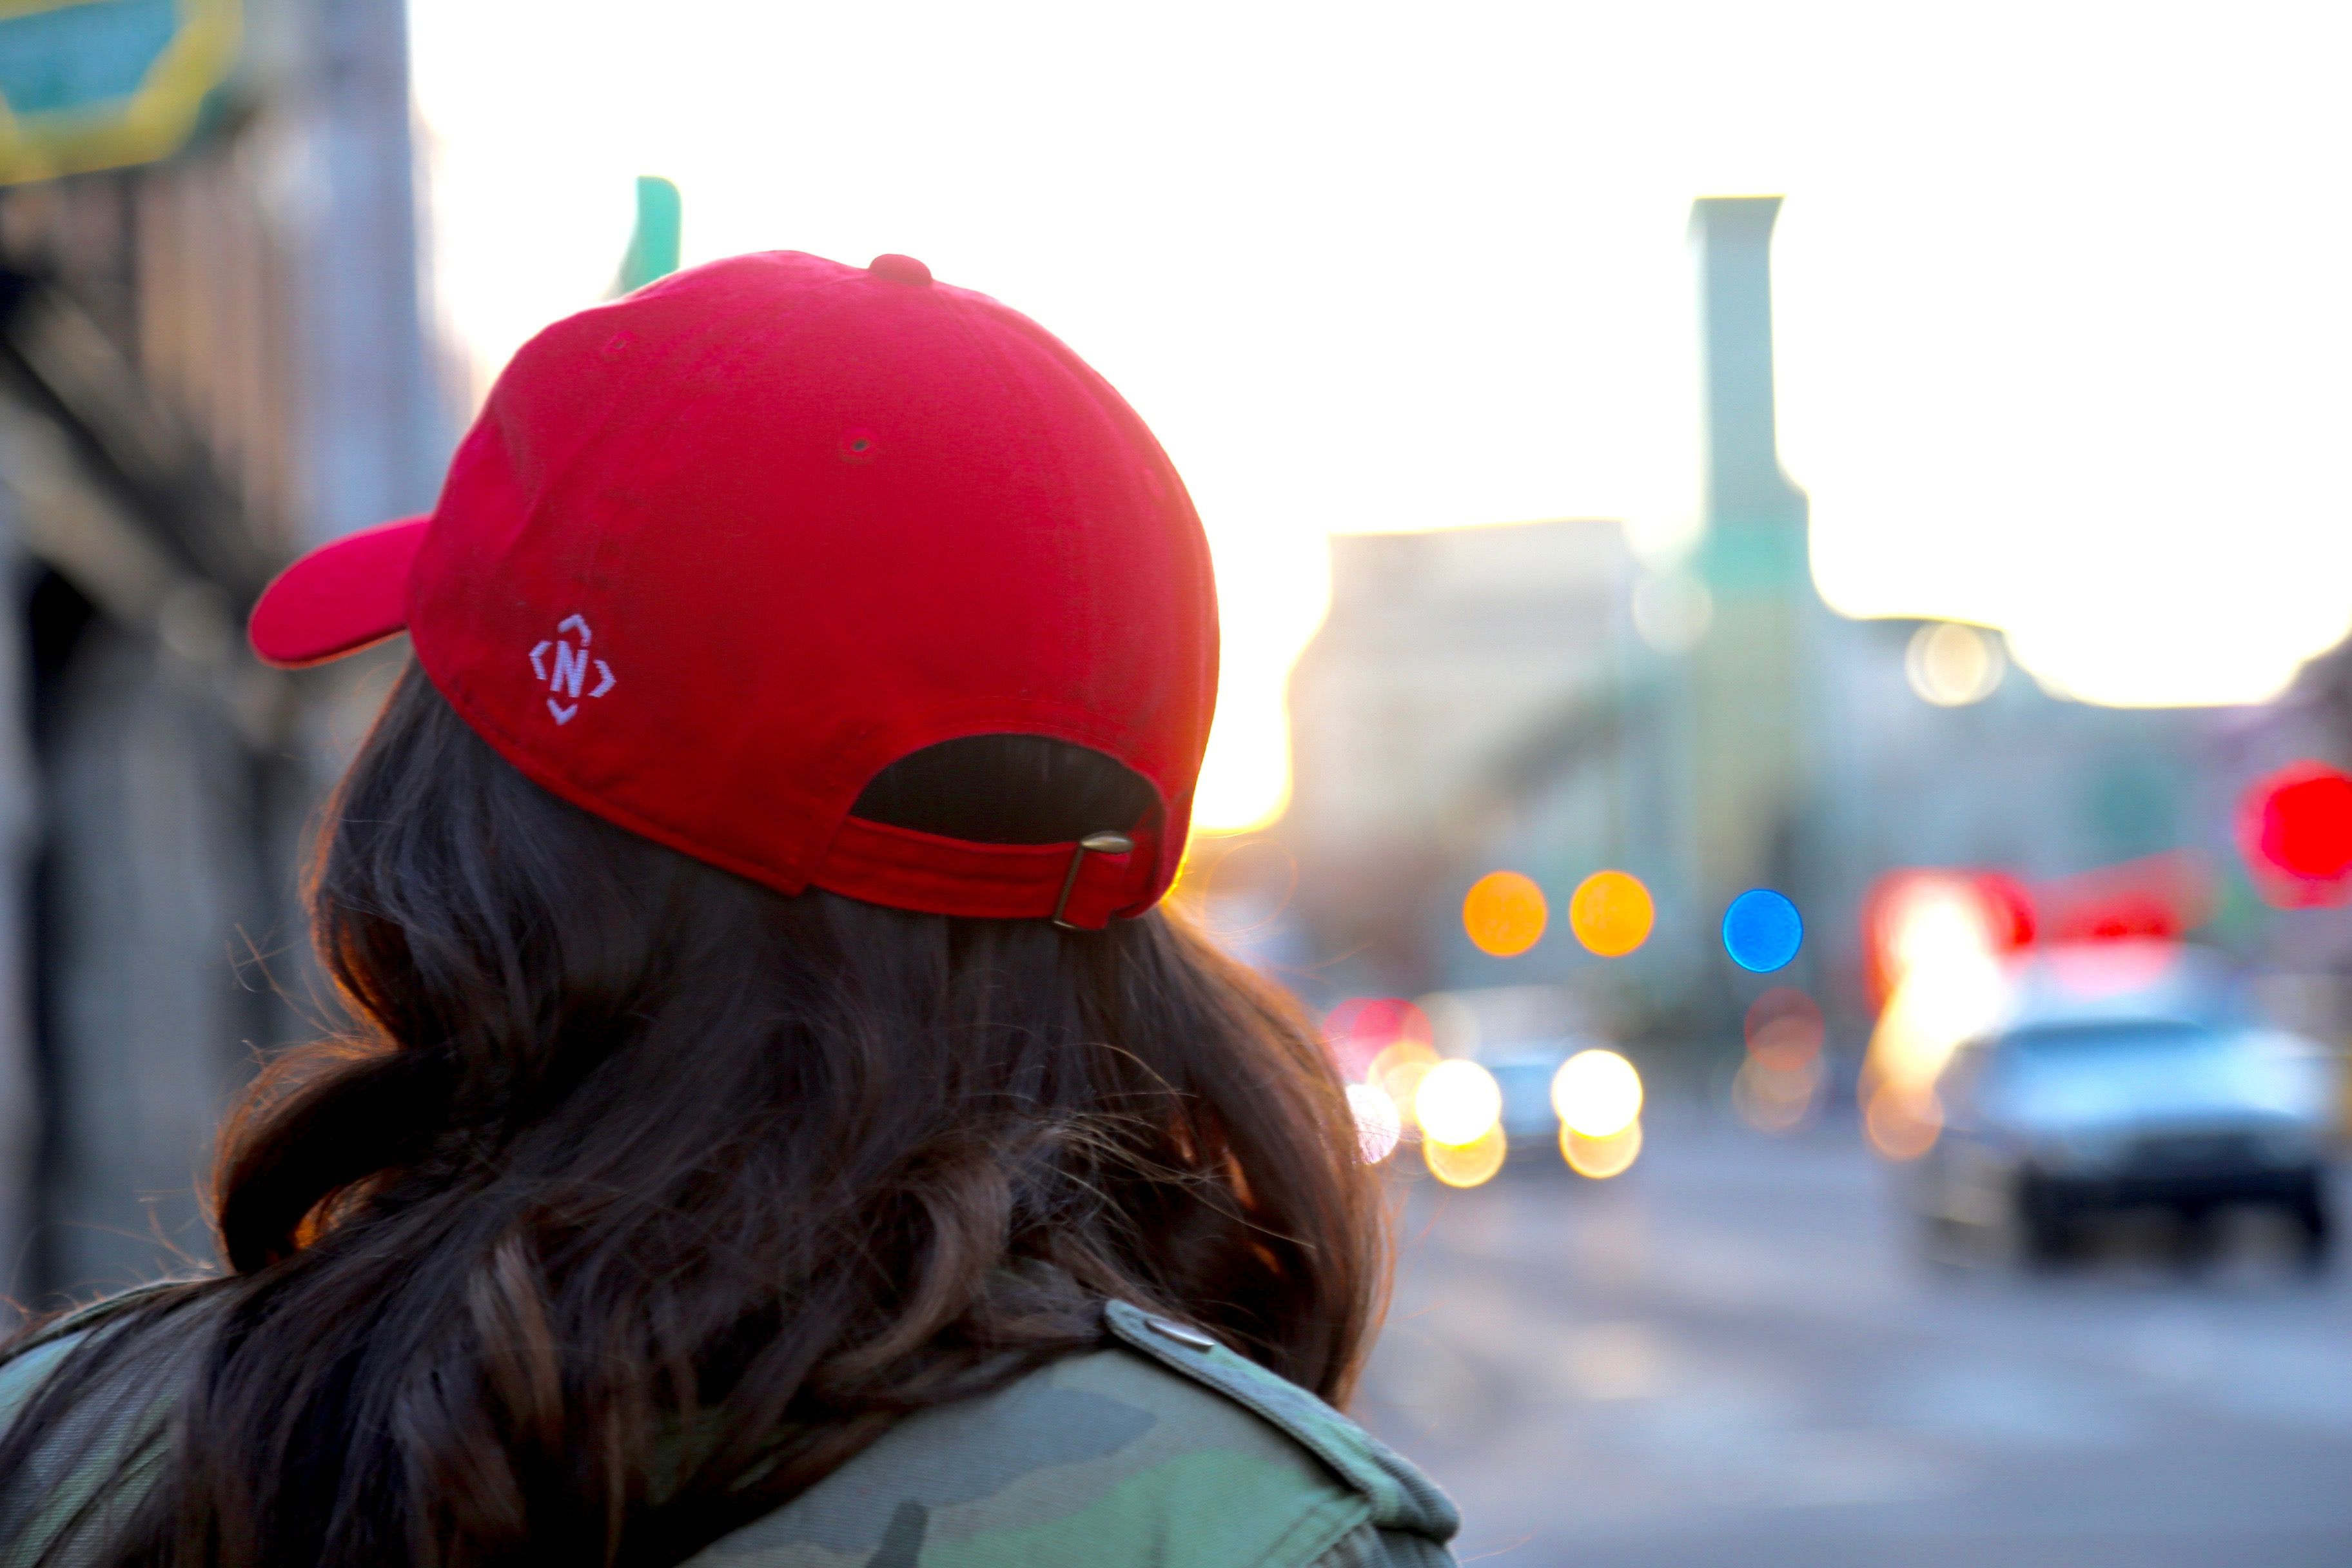 ae46bad5 Red/White NASH Original Ball Cap | Nashville | Cap, Red, The originals